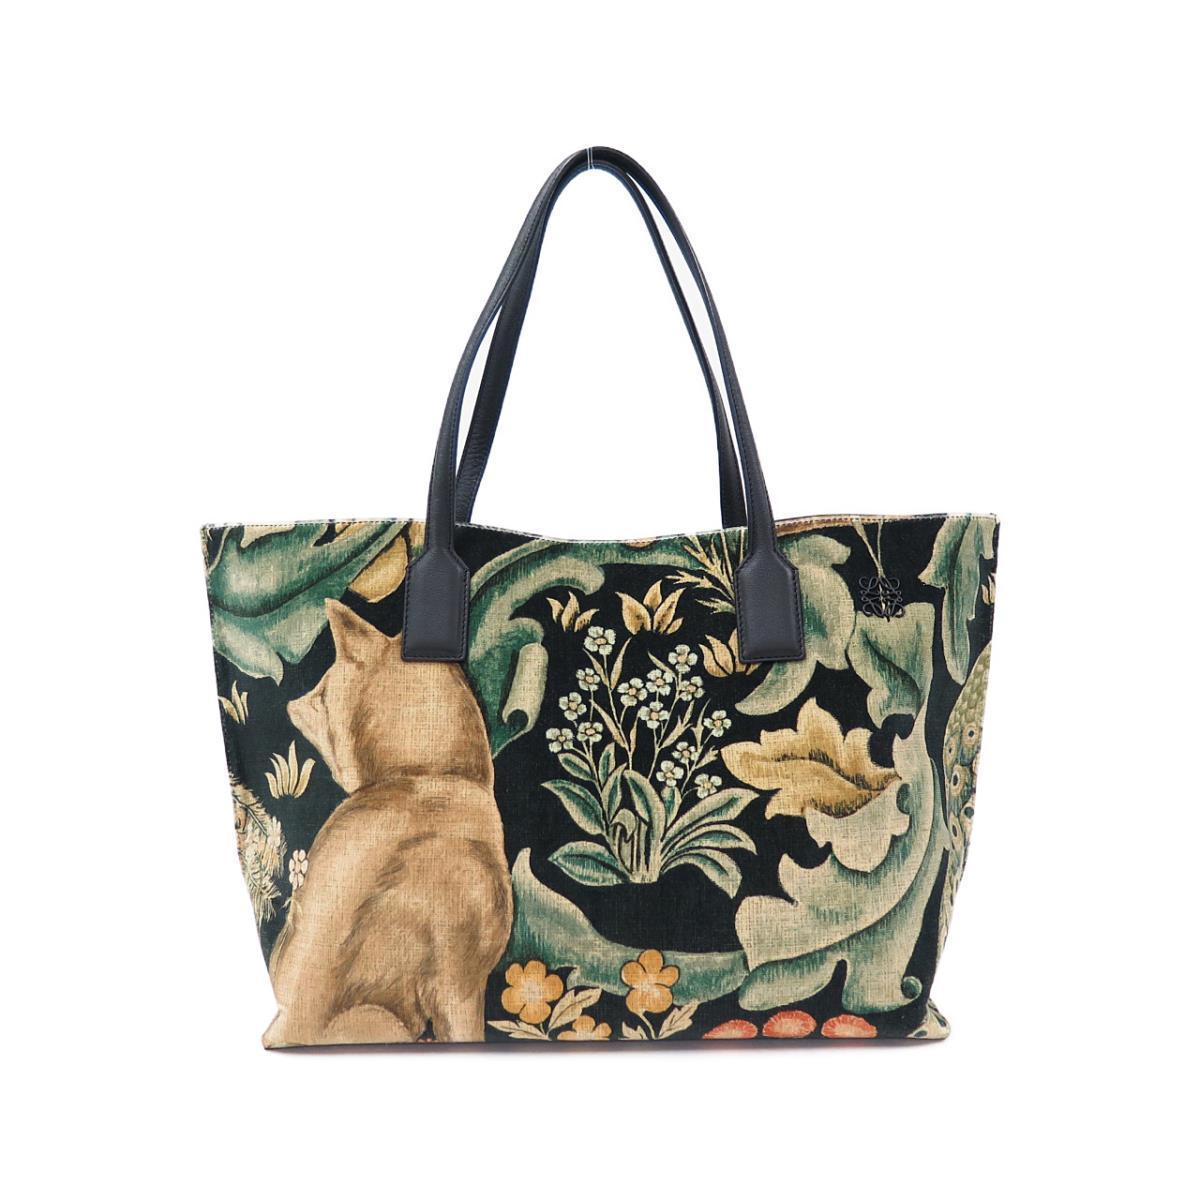 ロエベの犬と植物がプリントされたトートバッグ